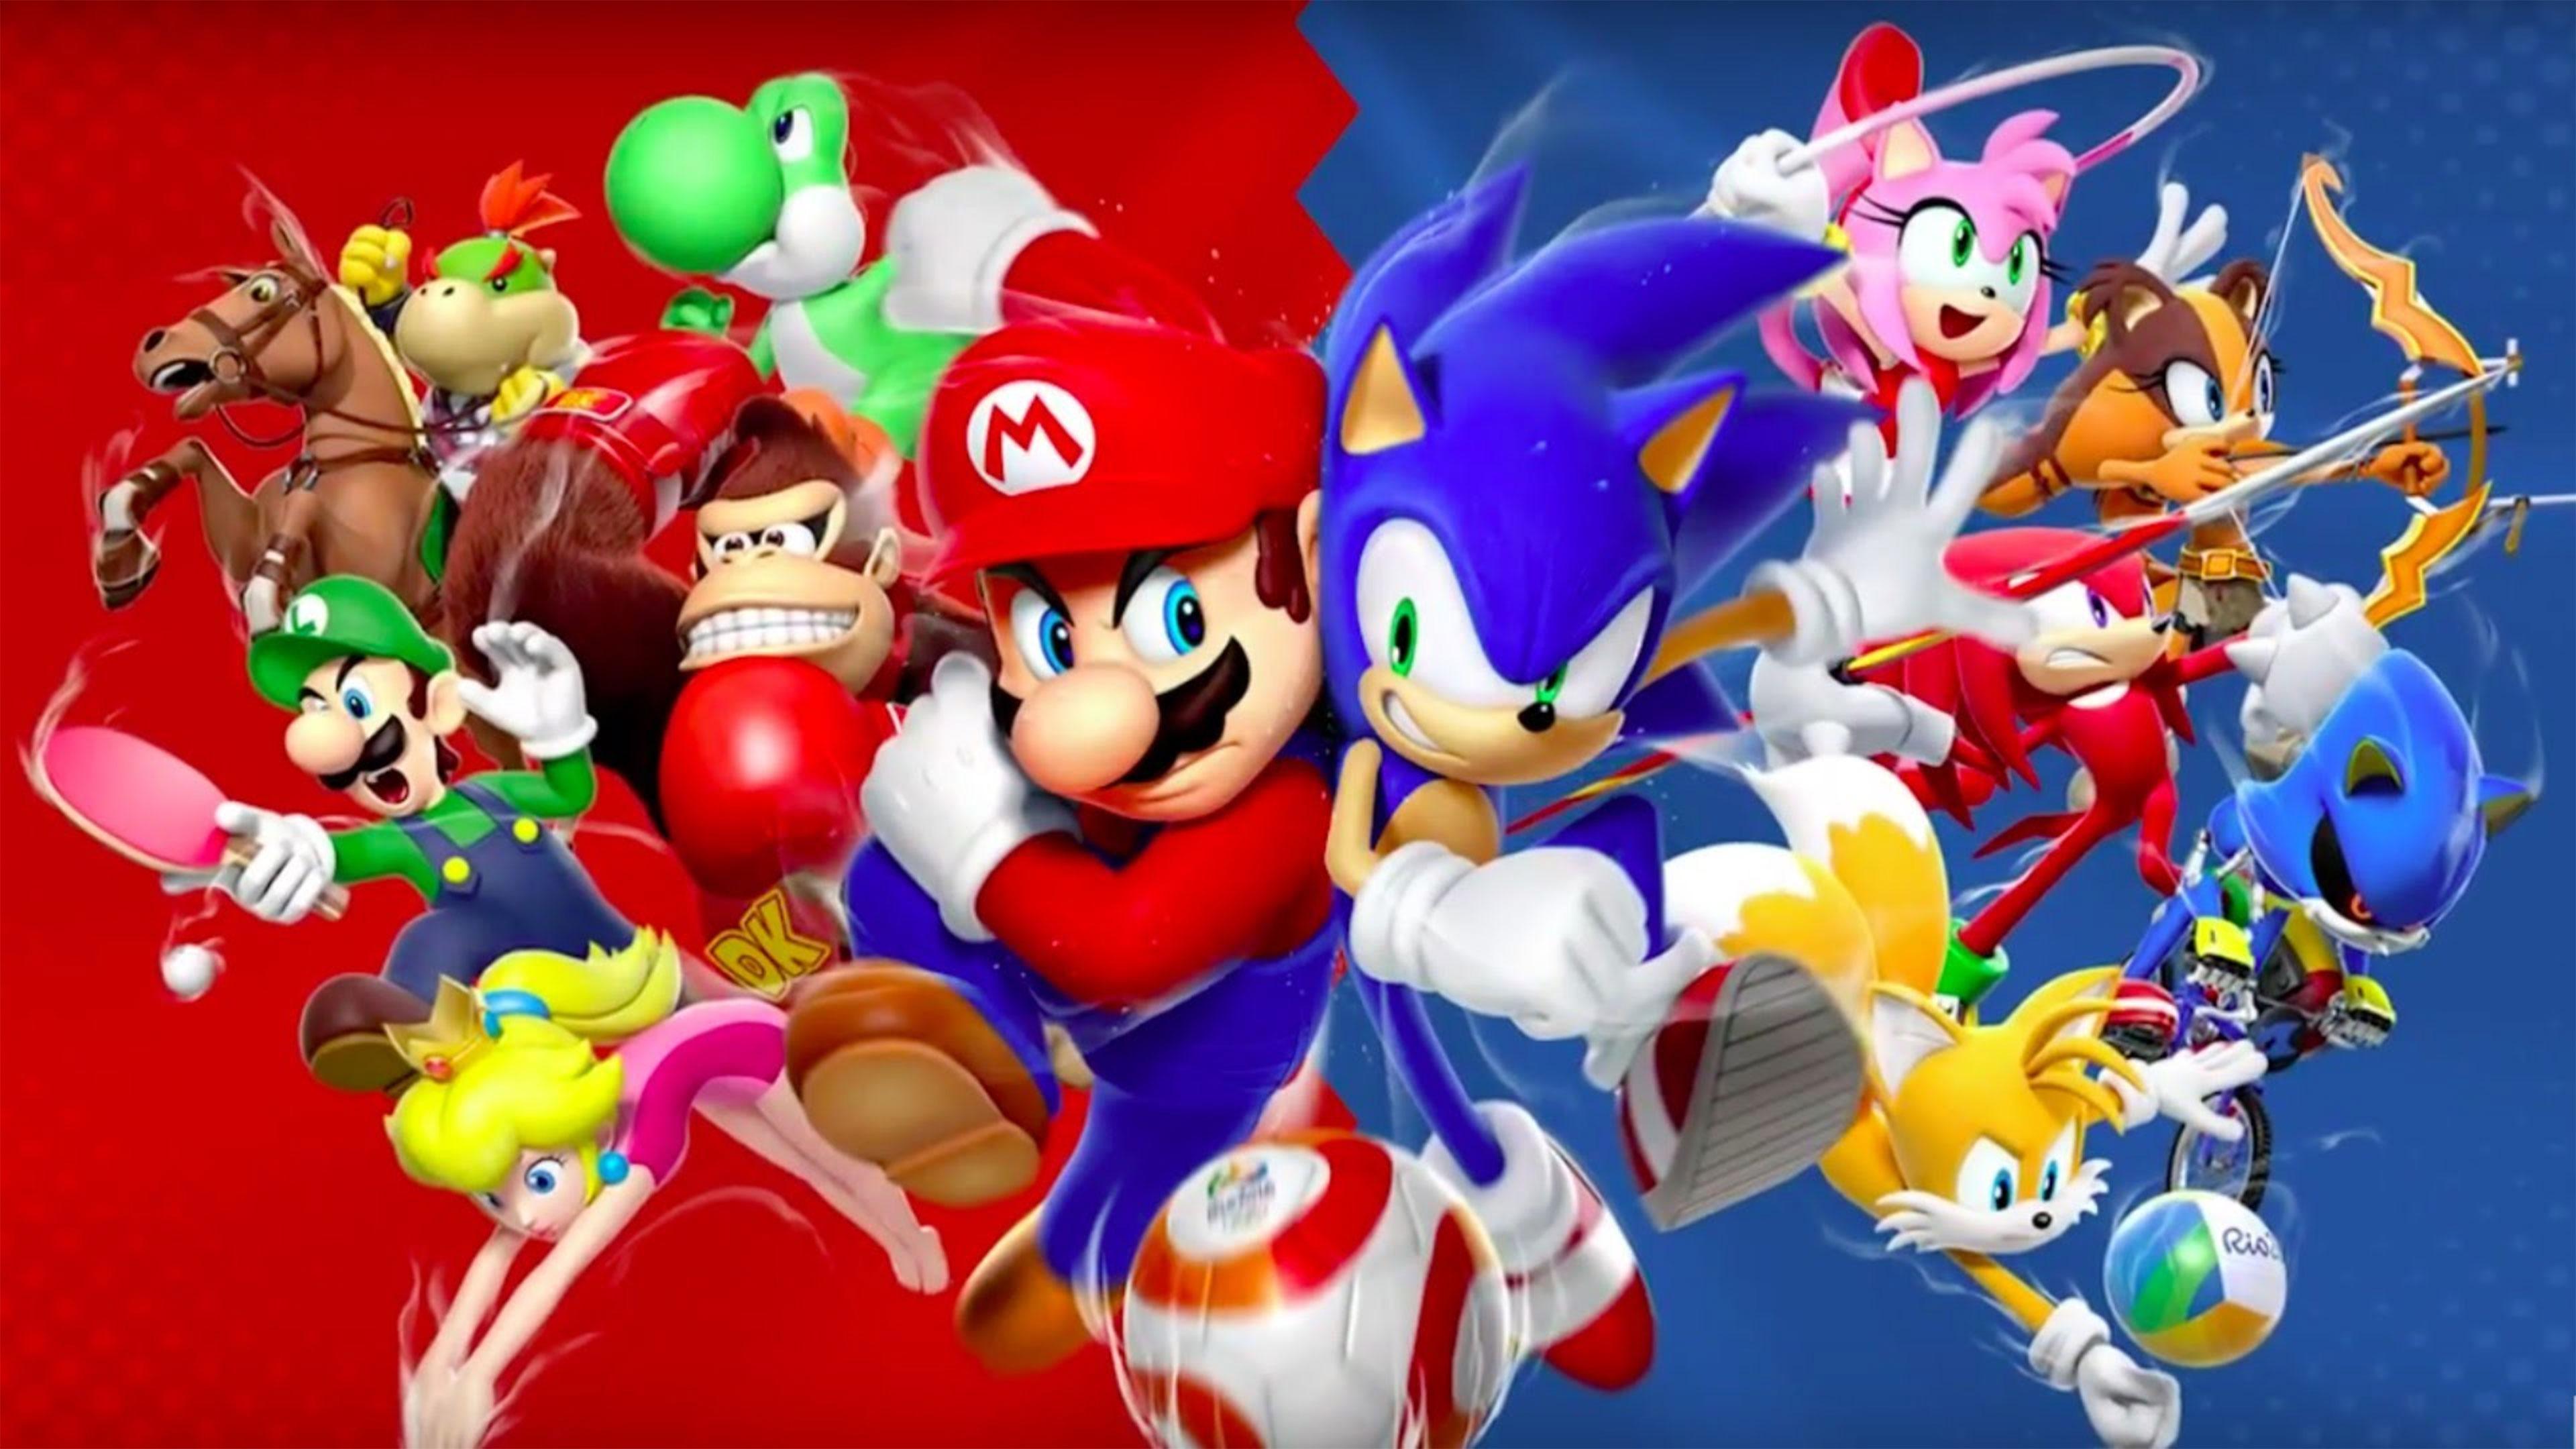 Mario And Sonic Wallpaper Wallpapersafari HD Wallpapers Download Free Images Wallpaper [1000image.com]